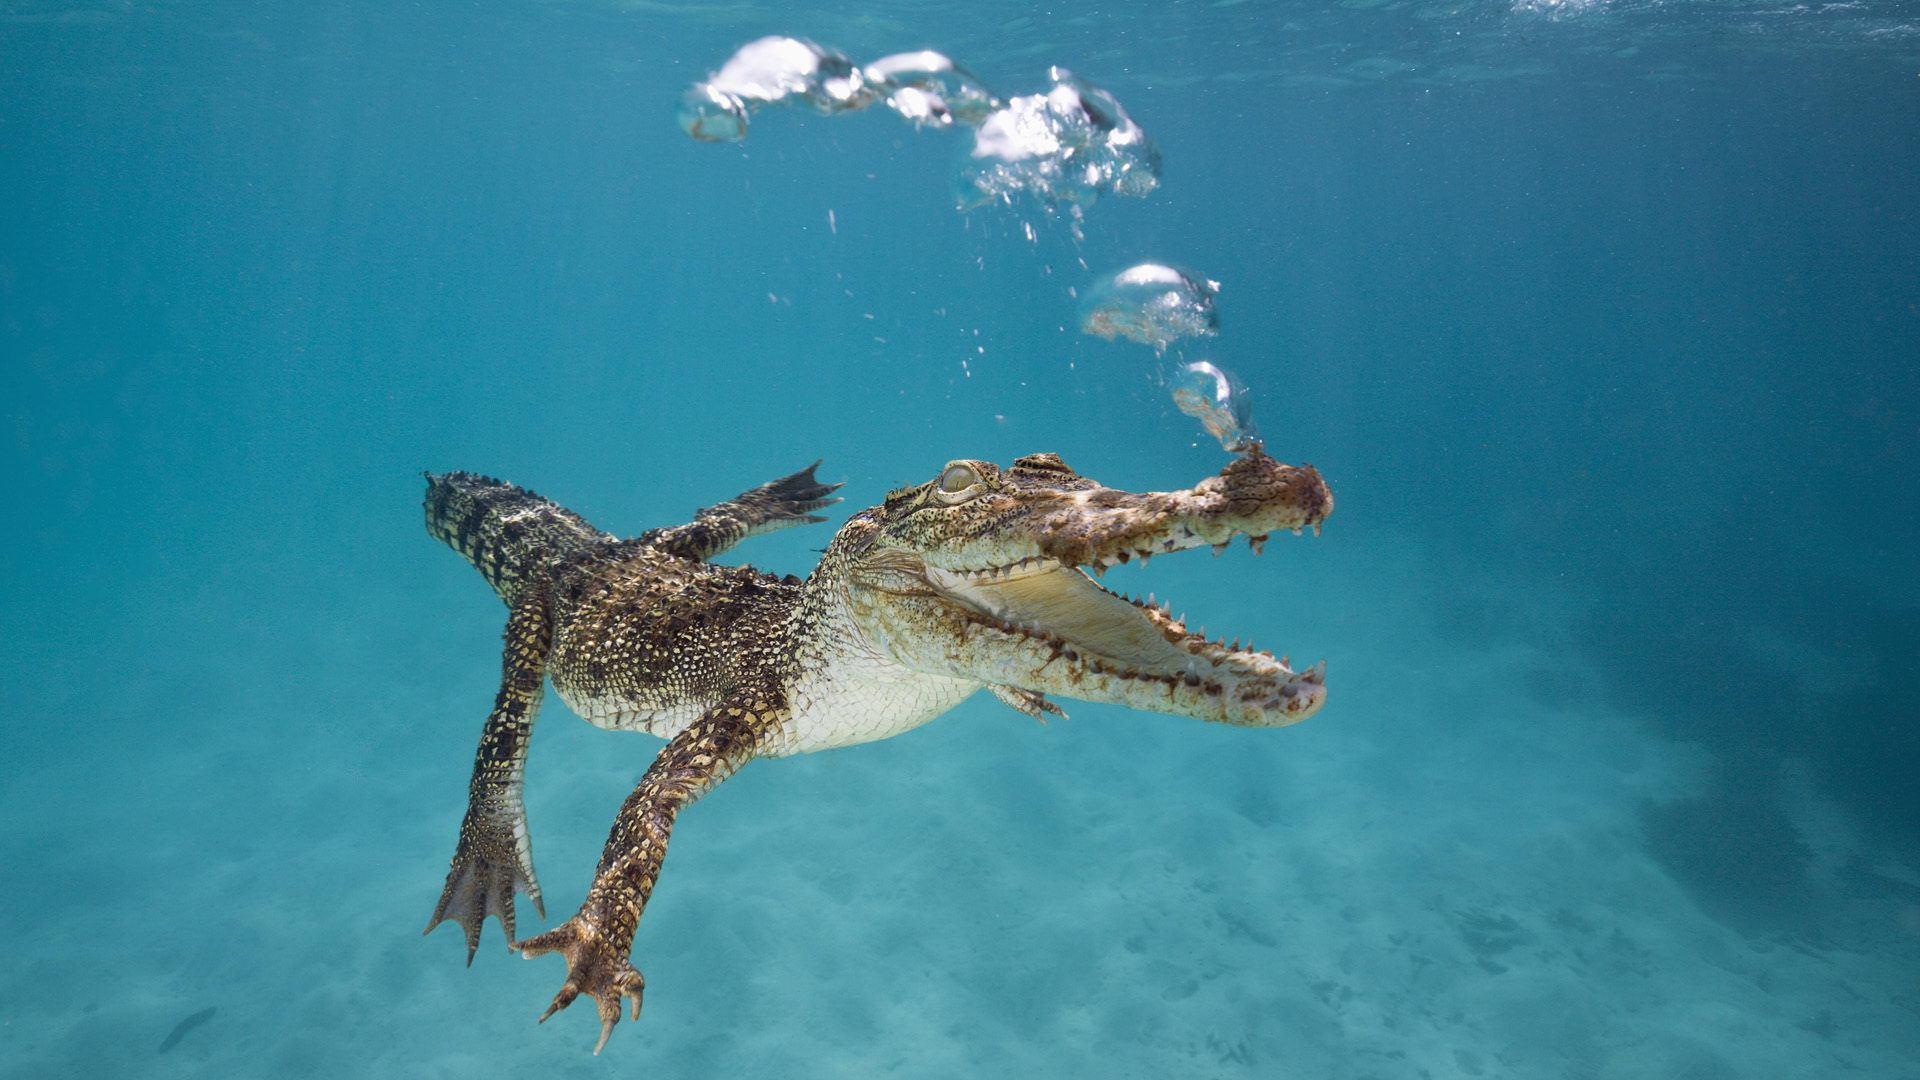 鳄鱼有天敌吗?